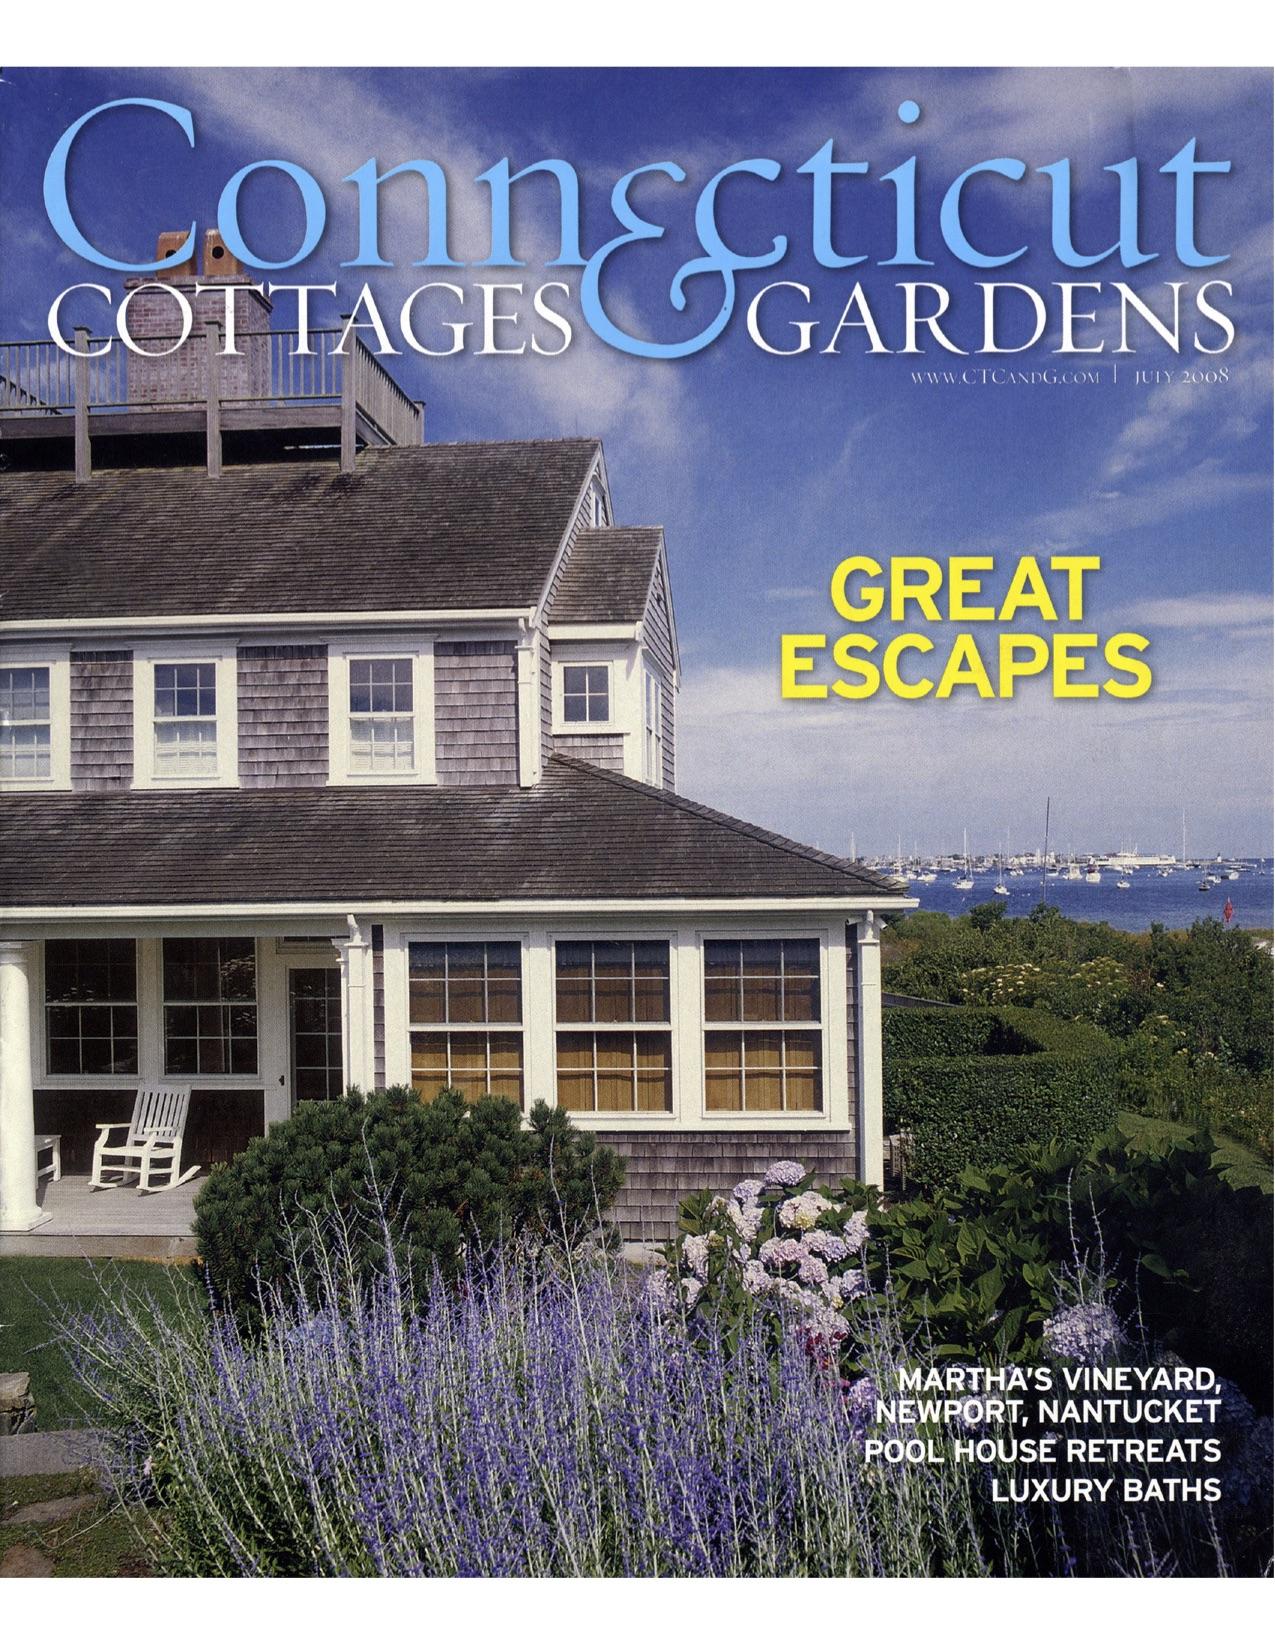 07.08 CONNECTICUT COTTAGES & GARDEN (WILTON POOLHOUSE)